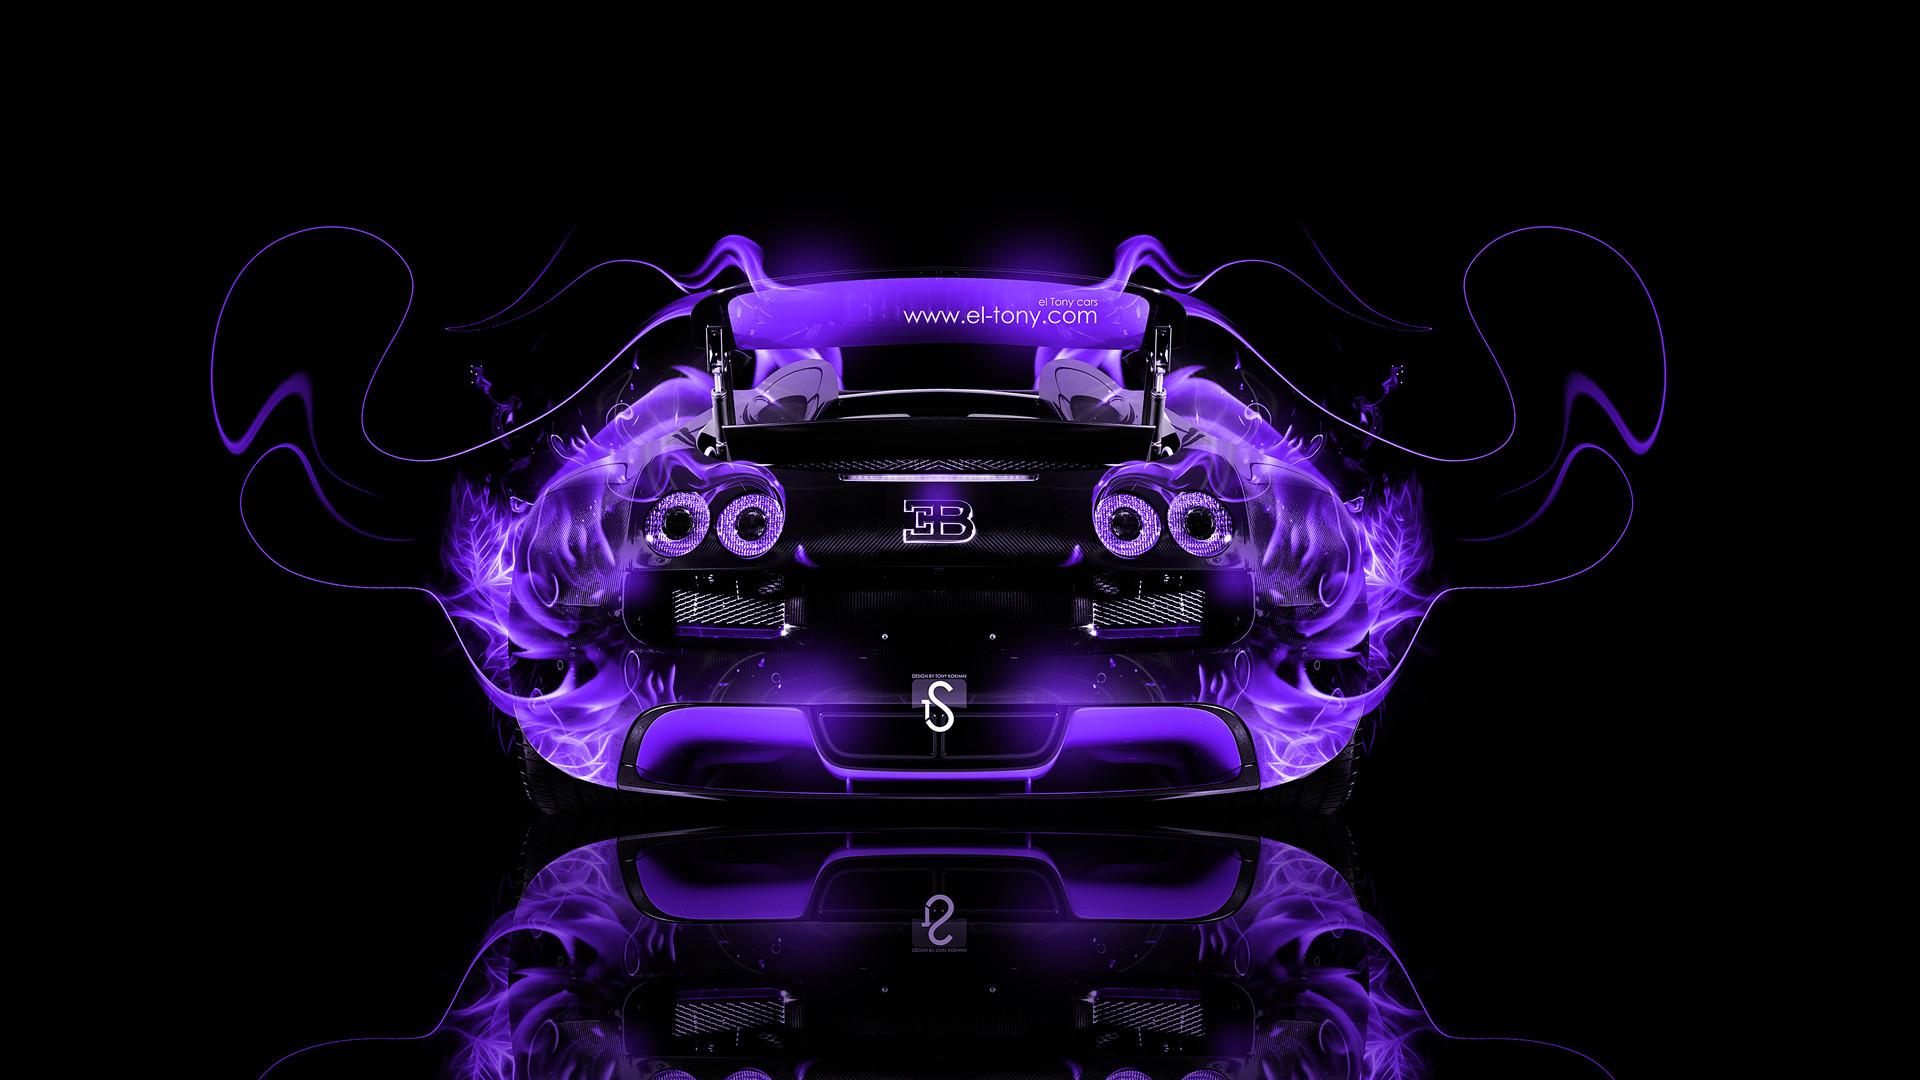 Bugatti Veyron Back Fire Abstract Car 2014. bugatti veyron wallpapers